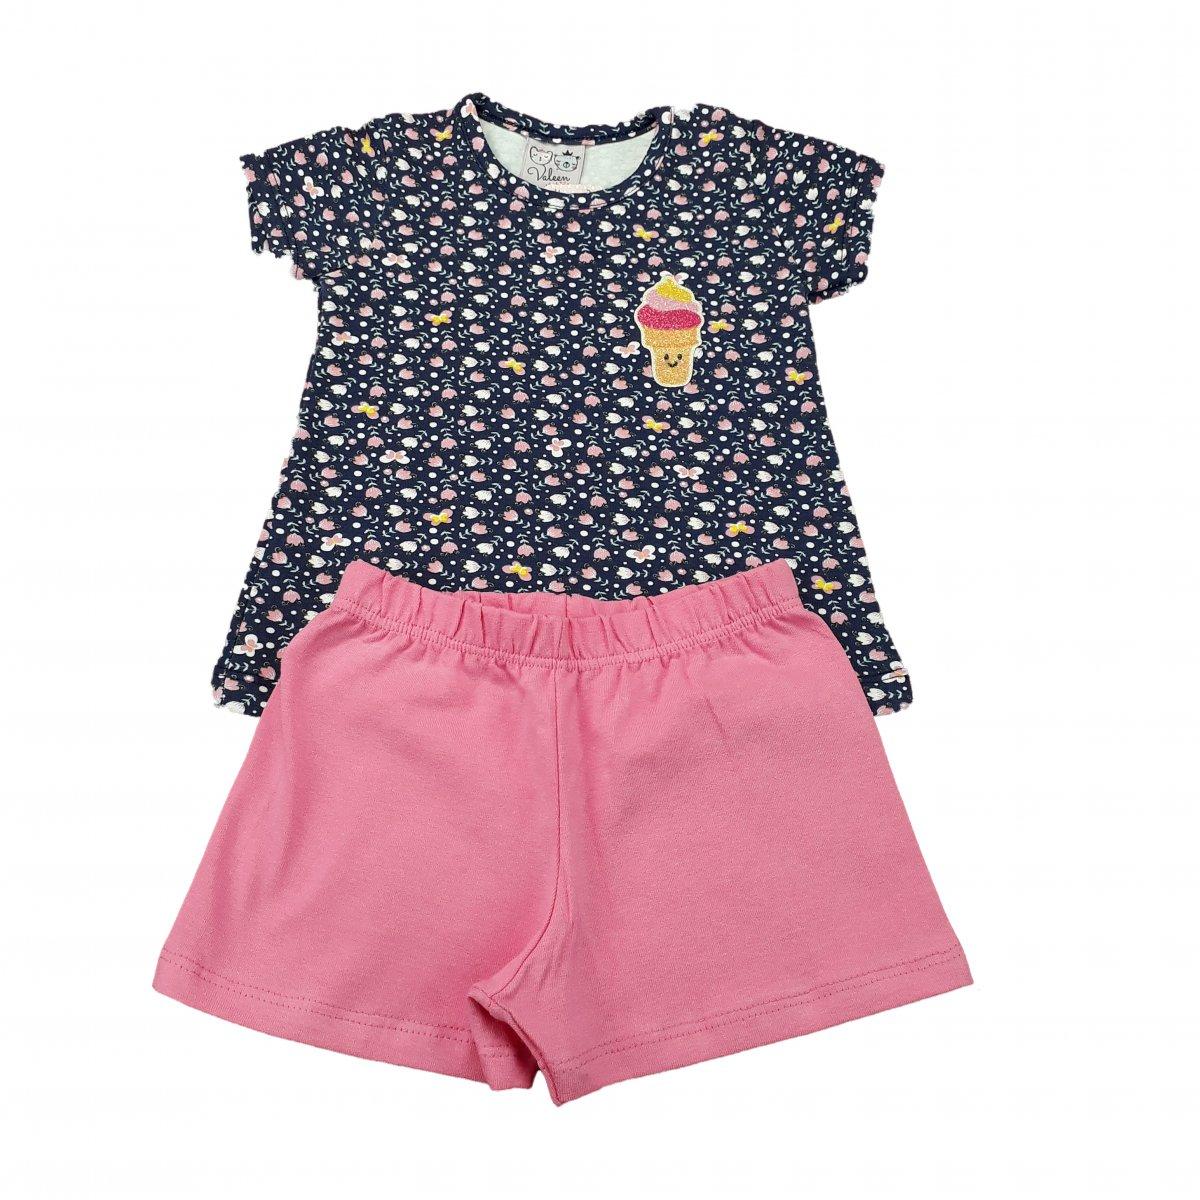 Moderna Fashion - Roupas infantil Para Meninas Apenas R 16 503a3f85761